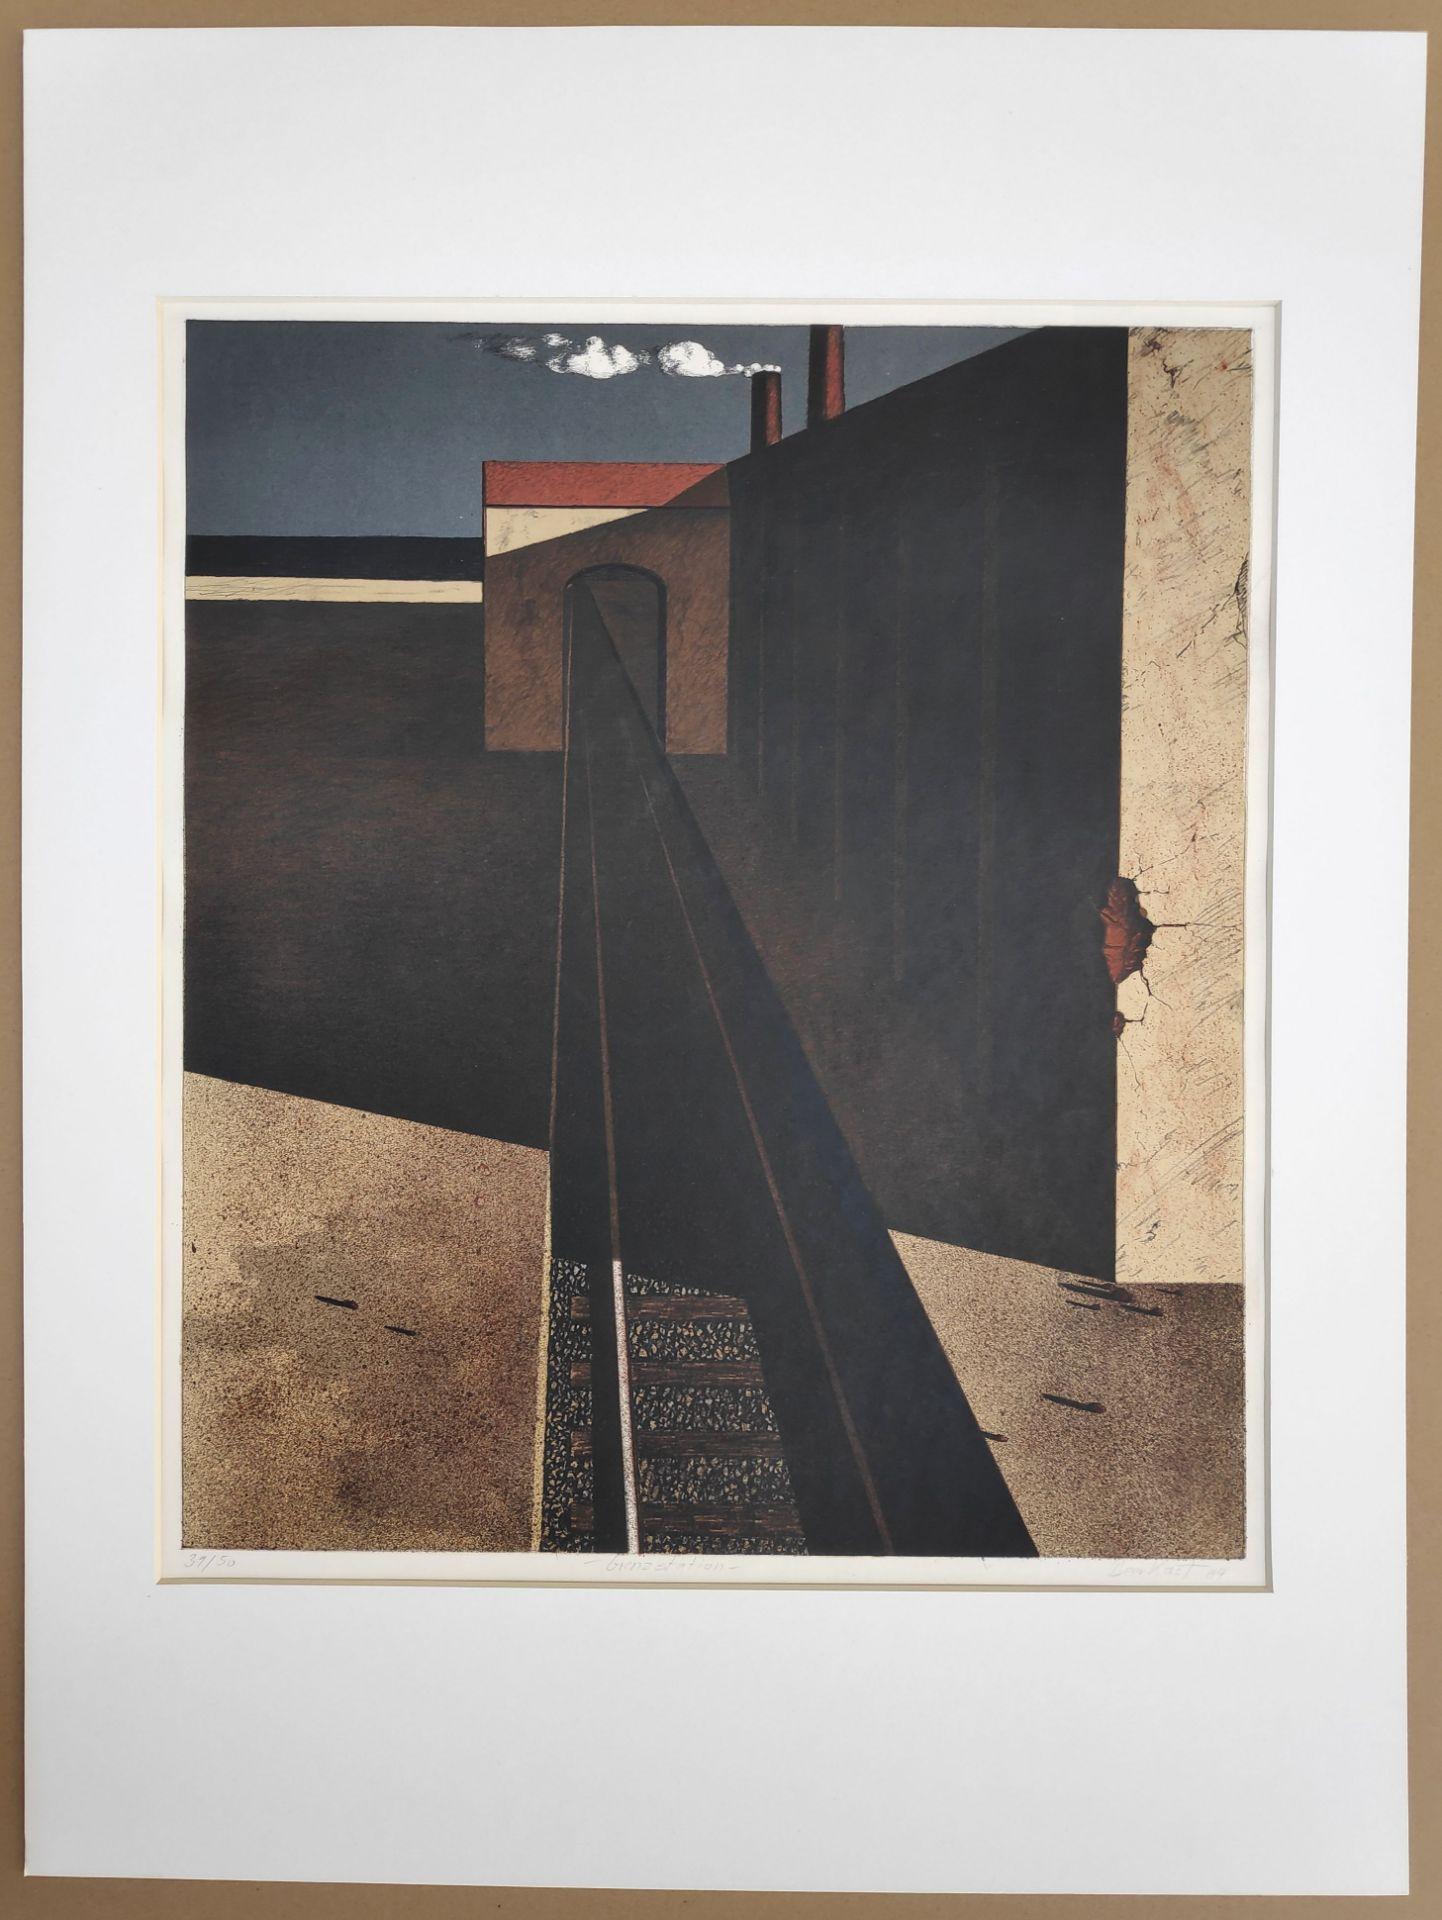 """Kastner, Manfred (1943 Gießhübel – 1988 Juliusruh) """"Grenzstation"""" - Bild 2 aus 3"""